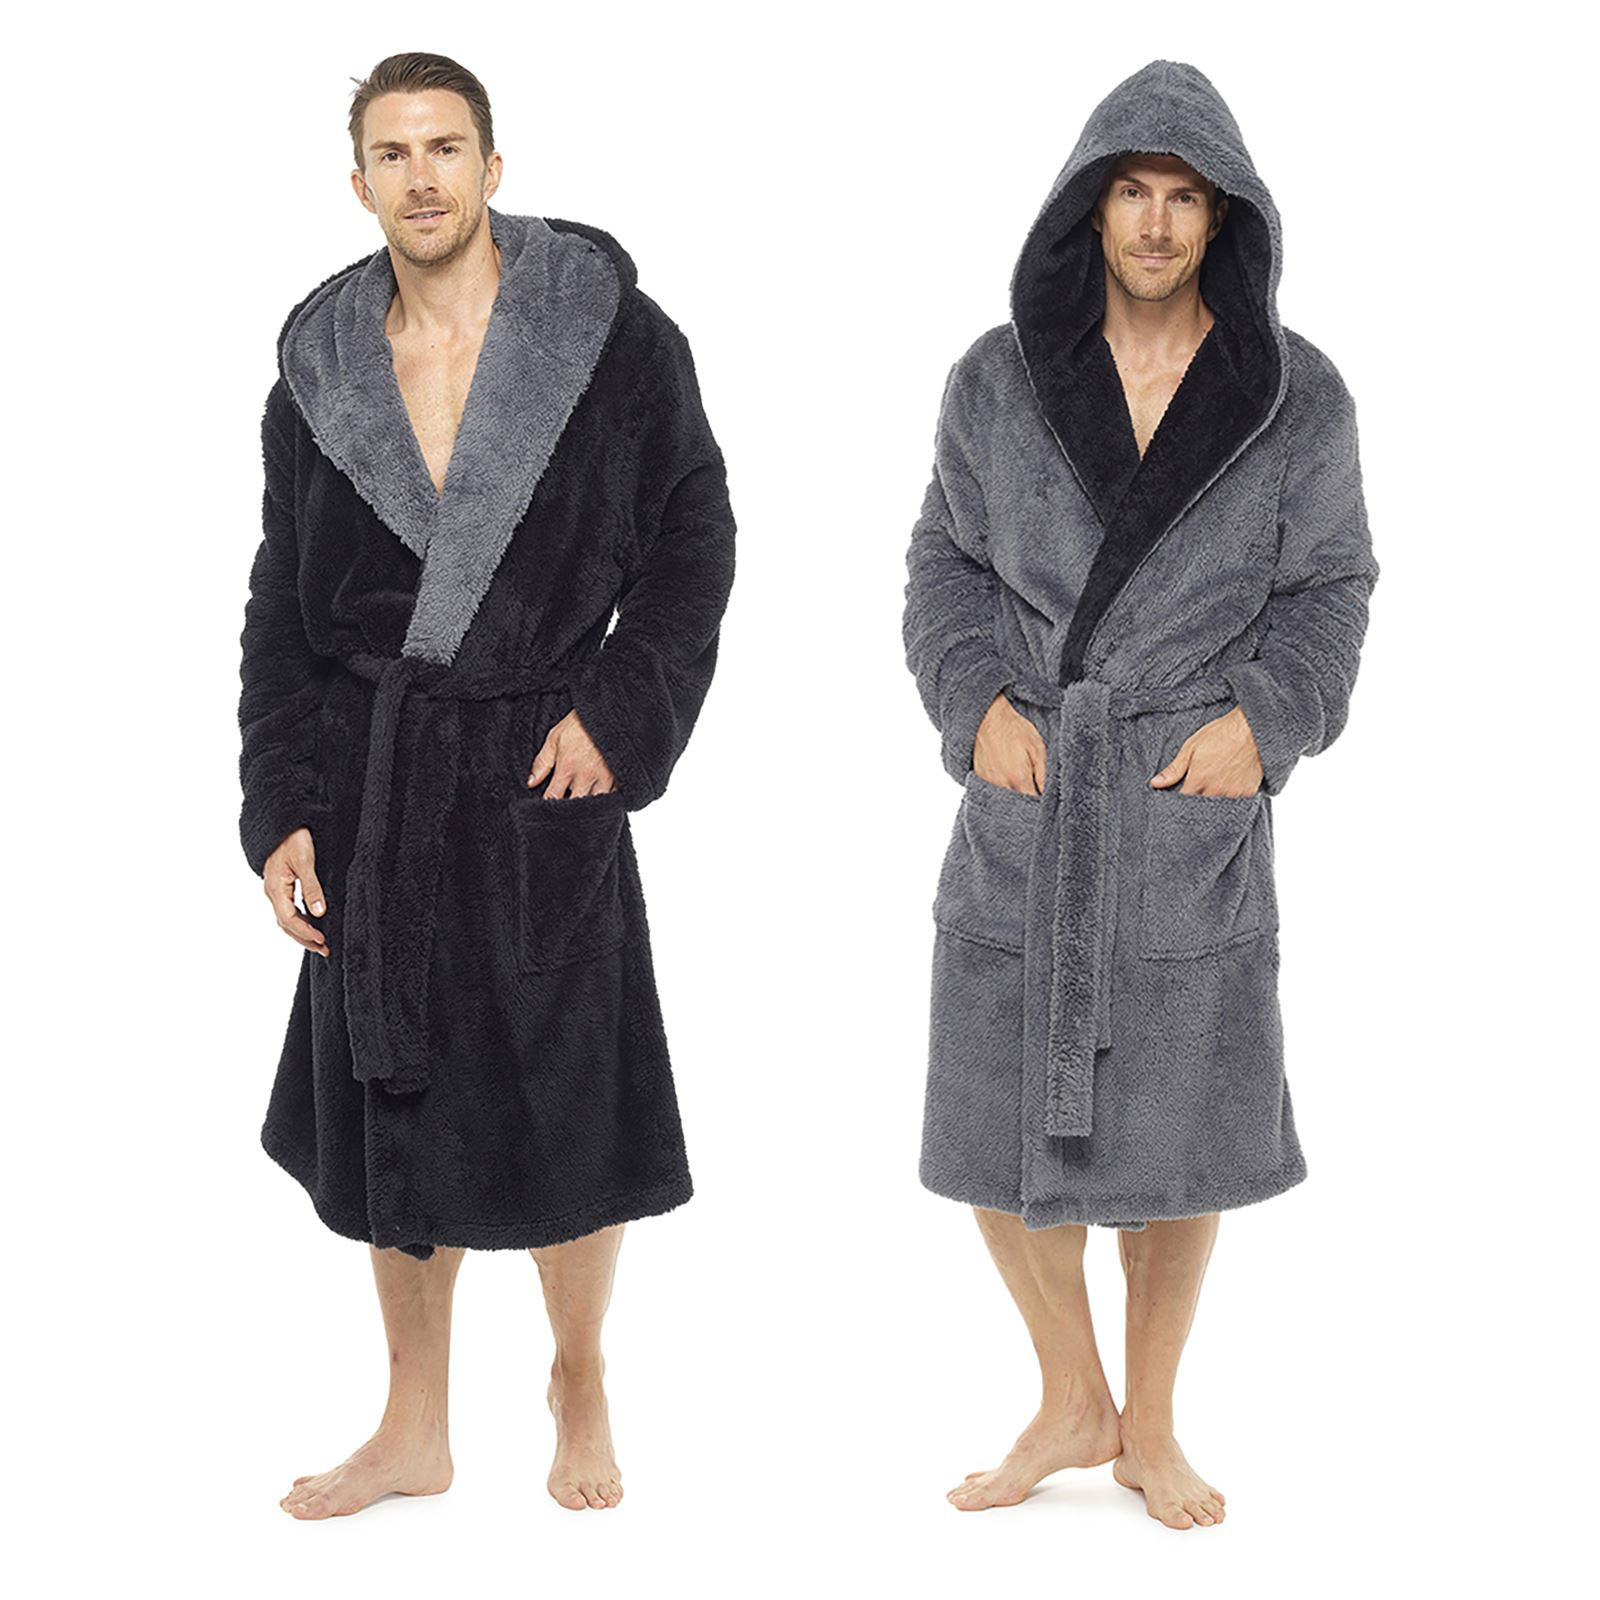 Foxbury Mens Hooded Bathrobe Soft Shaggy Fleece Dressing Gown Warm ... 51ce1f596